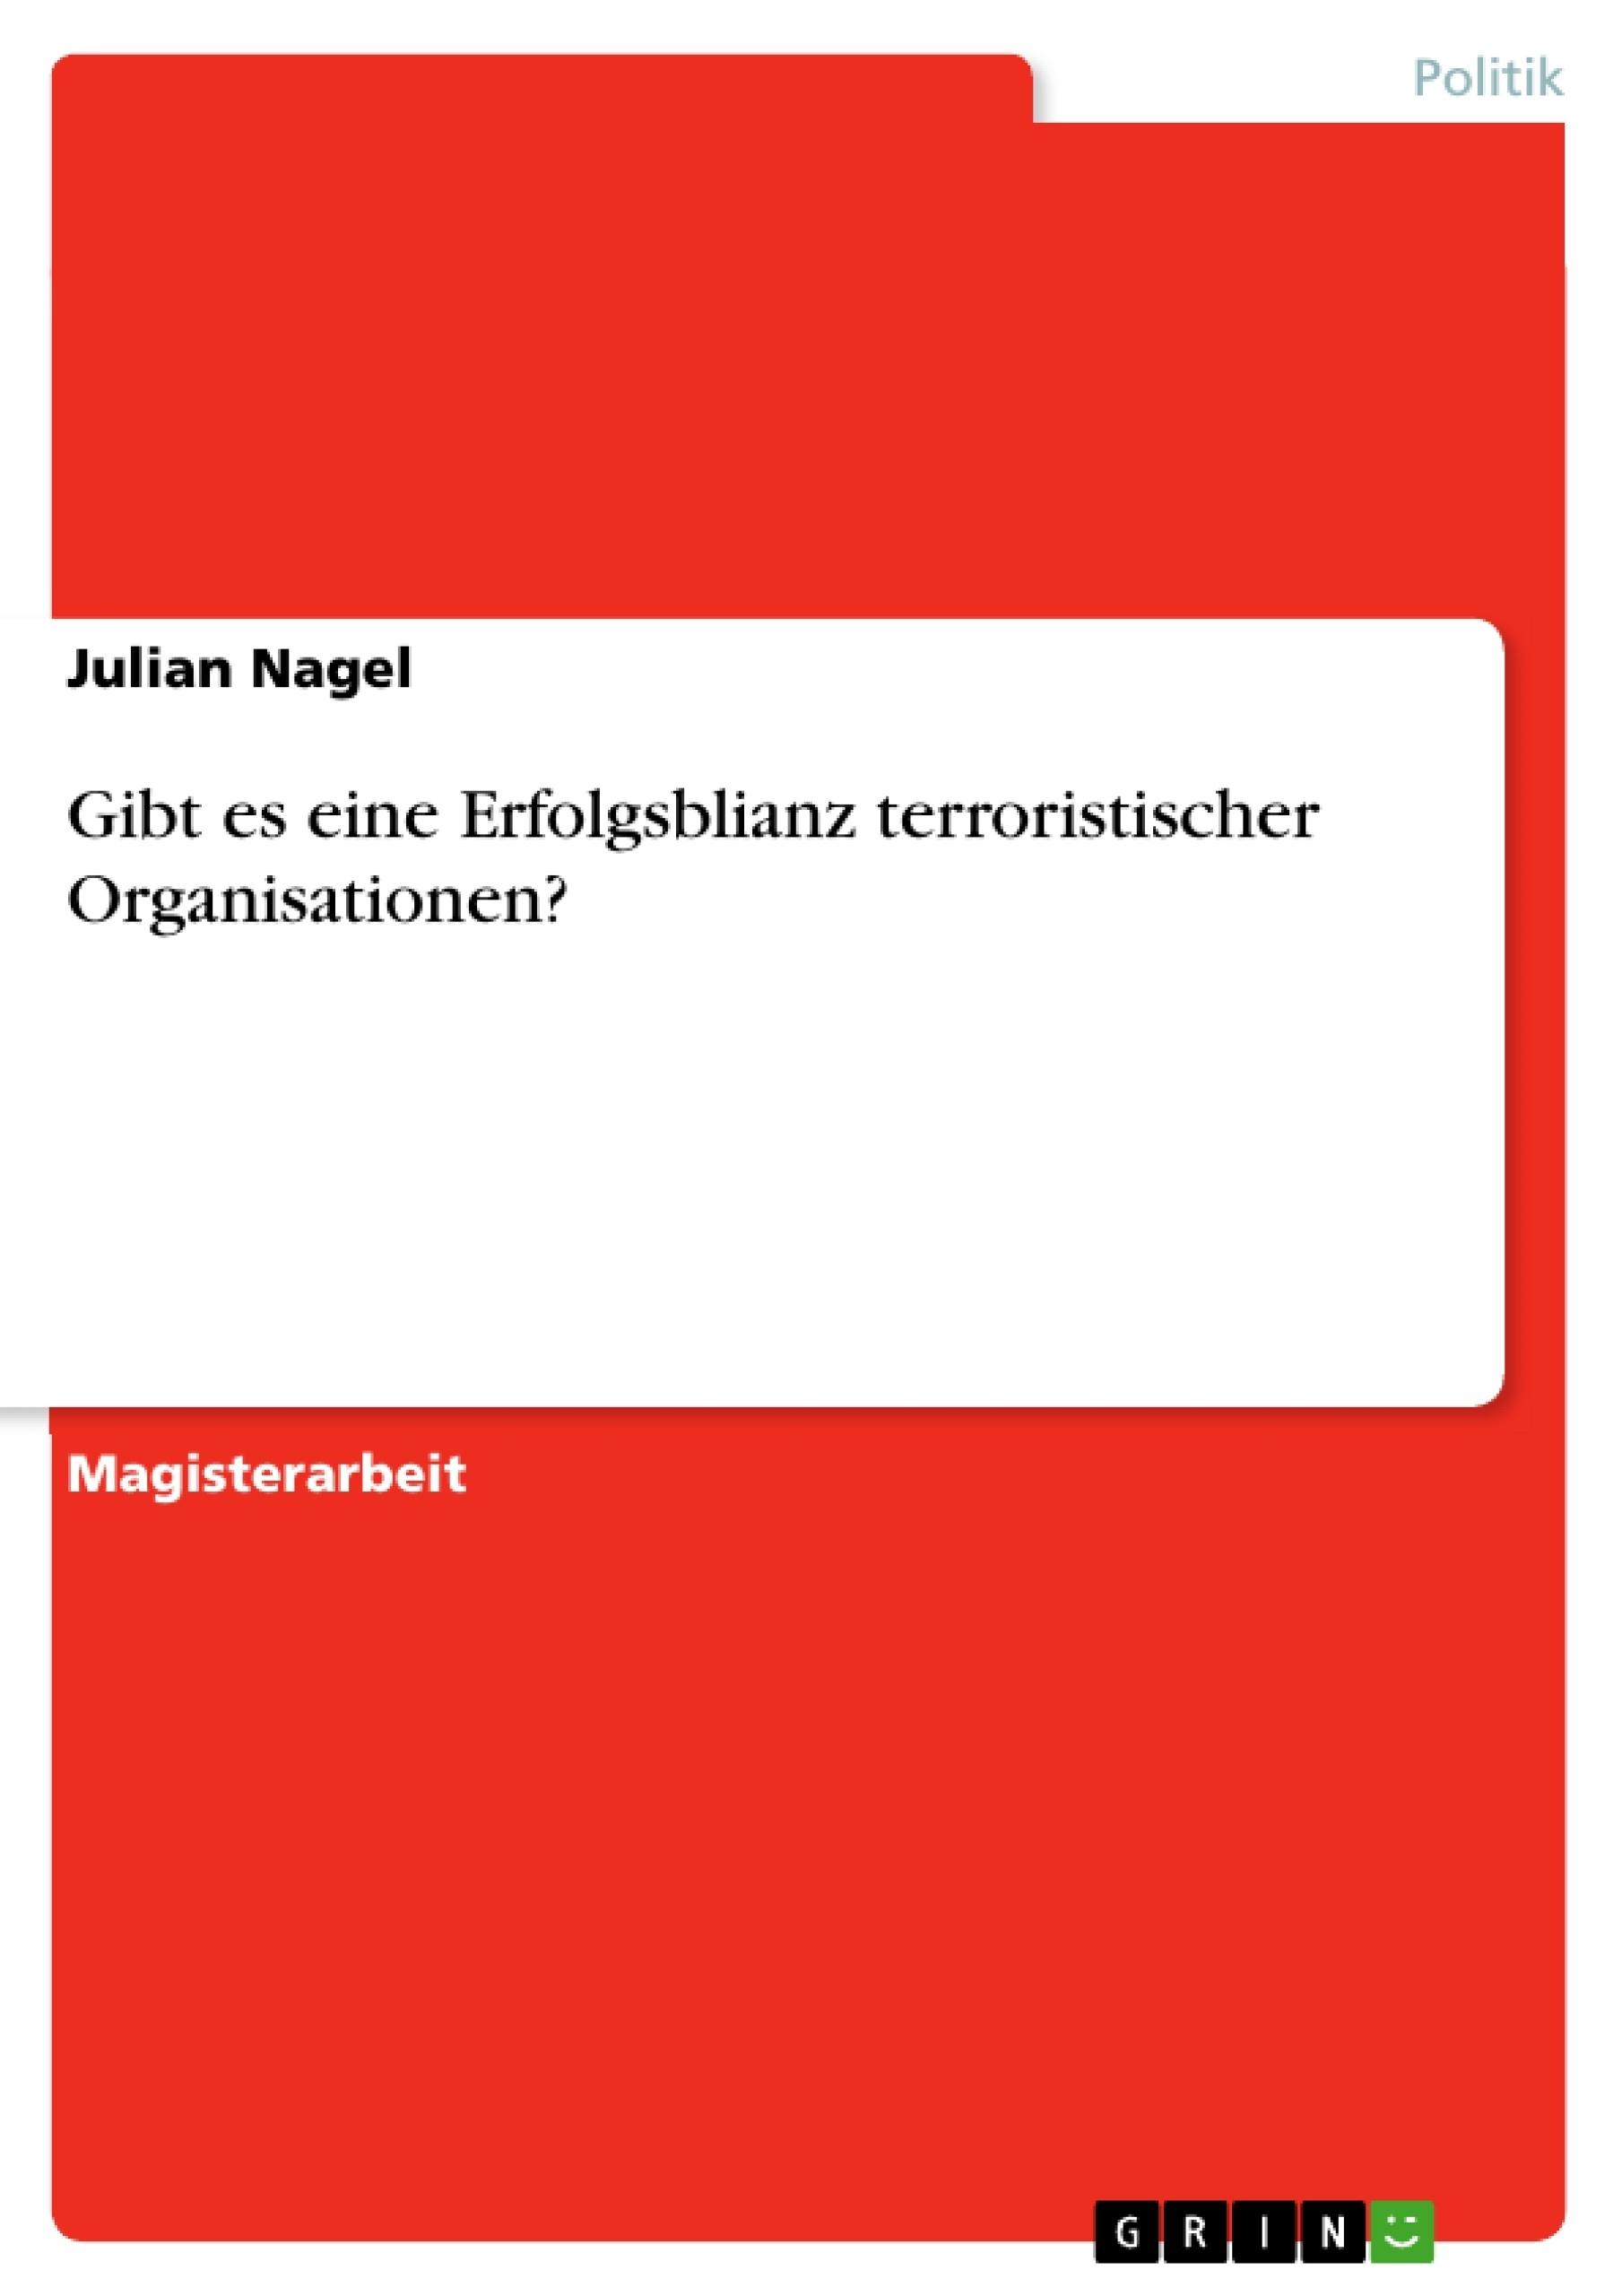 Titel: Gibt es eine Erfolgsblianz terroristischer Organisationen?